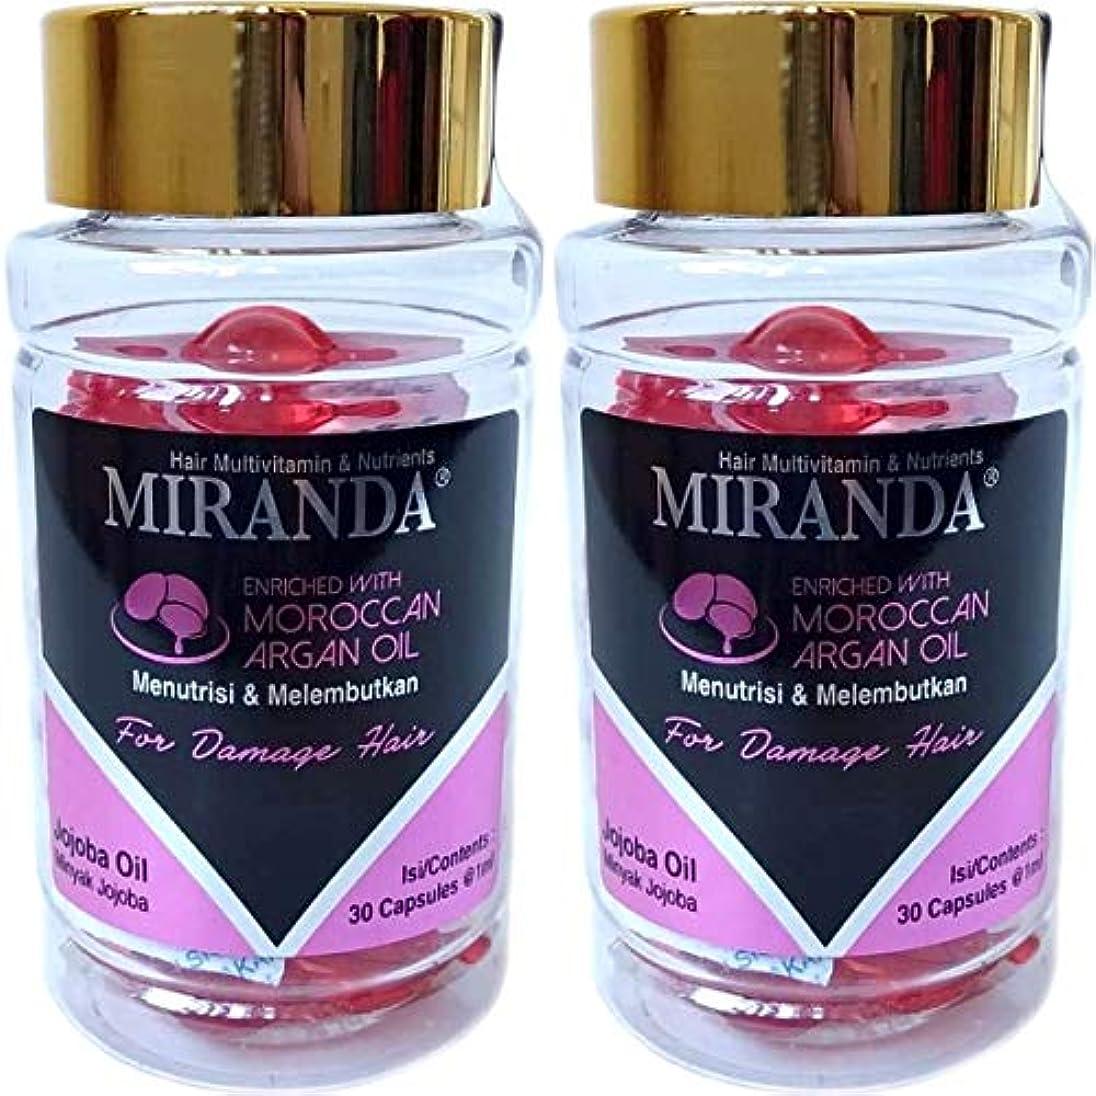 レビュー同時投げ捨てるMIRANDA ミランダ Hair Multivitamin&Nutrients ヘアマルチビタミン ニュートリエンツ 洗い流さないヘアトリートメント 30粒入ボトル×2個セット Jojoba oil ホホバオイル [海外直送品]